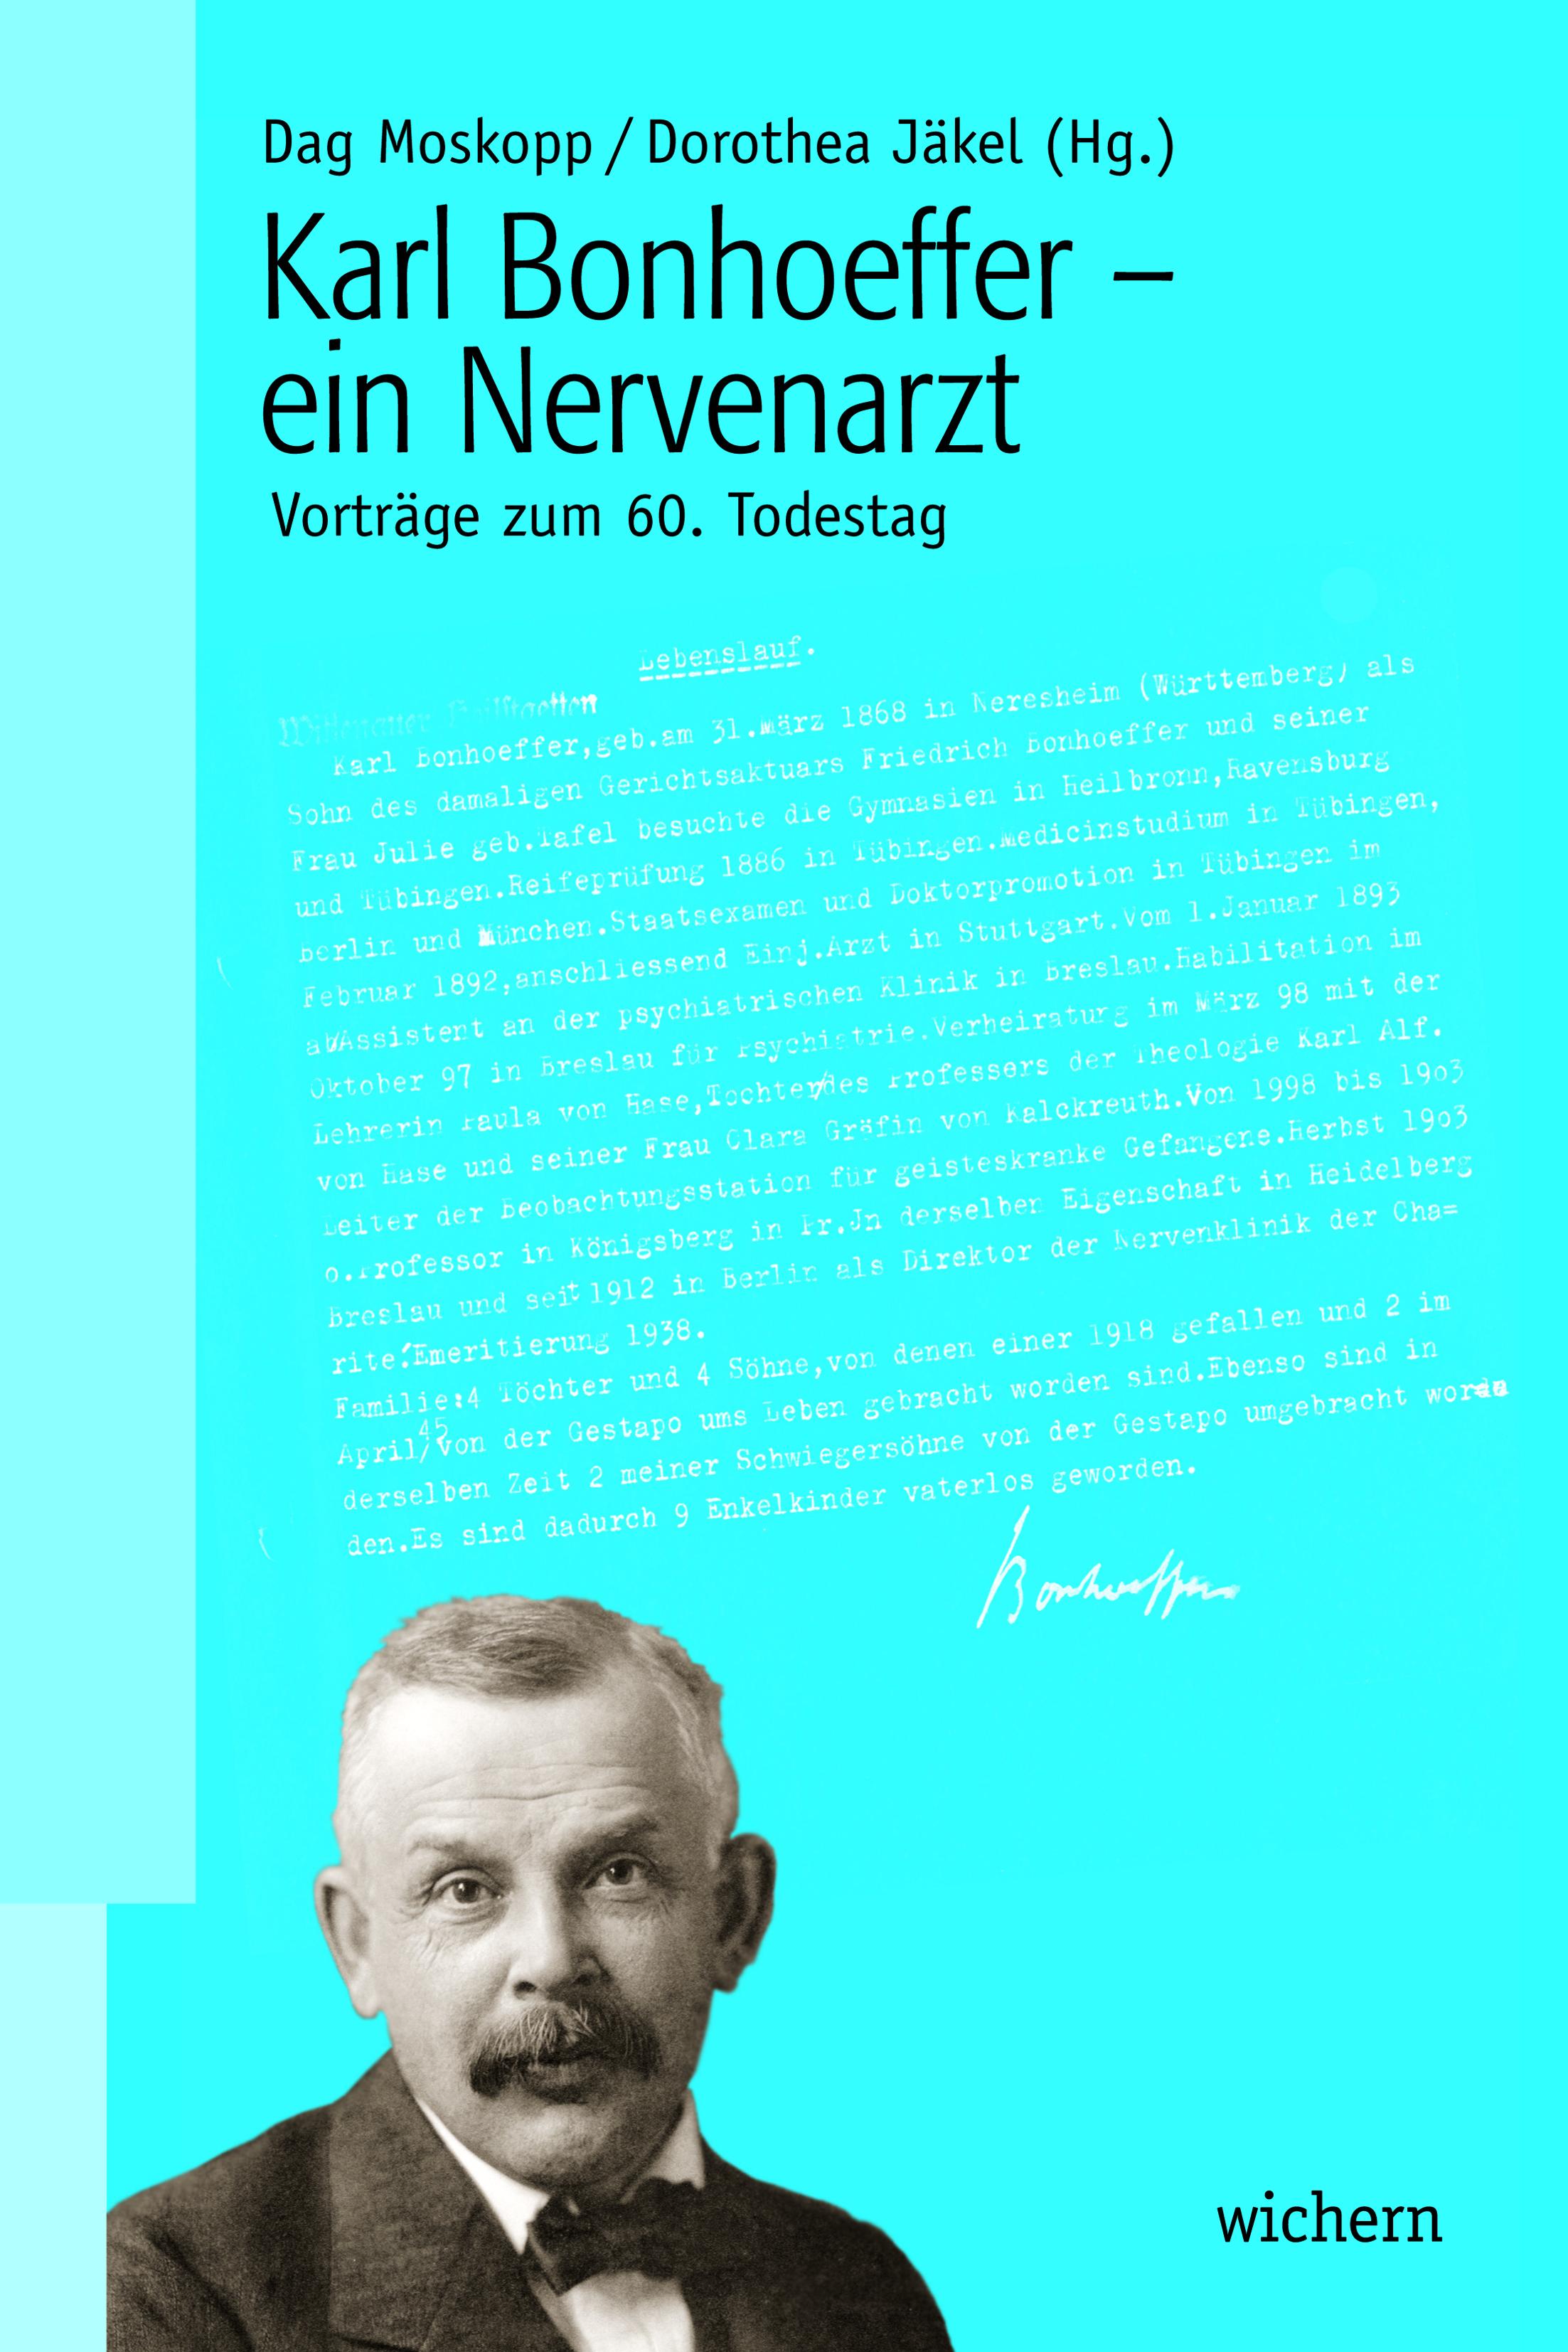 Karl Bonhoeffer - ein Nervenarzt